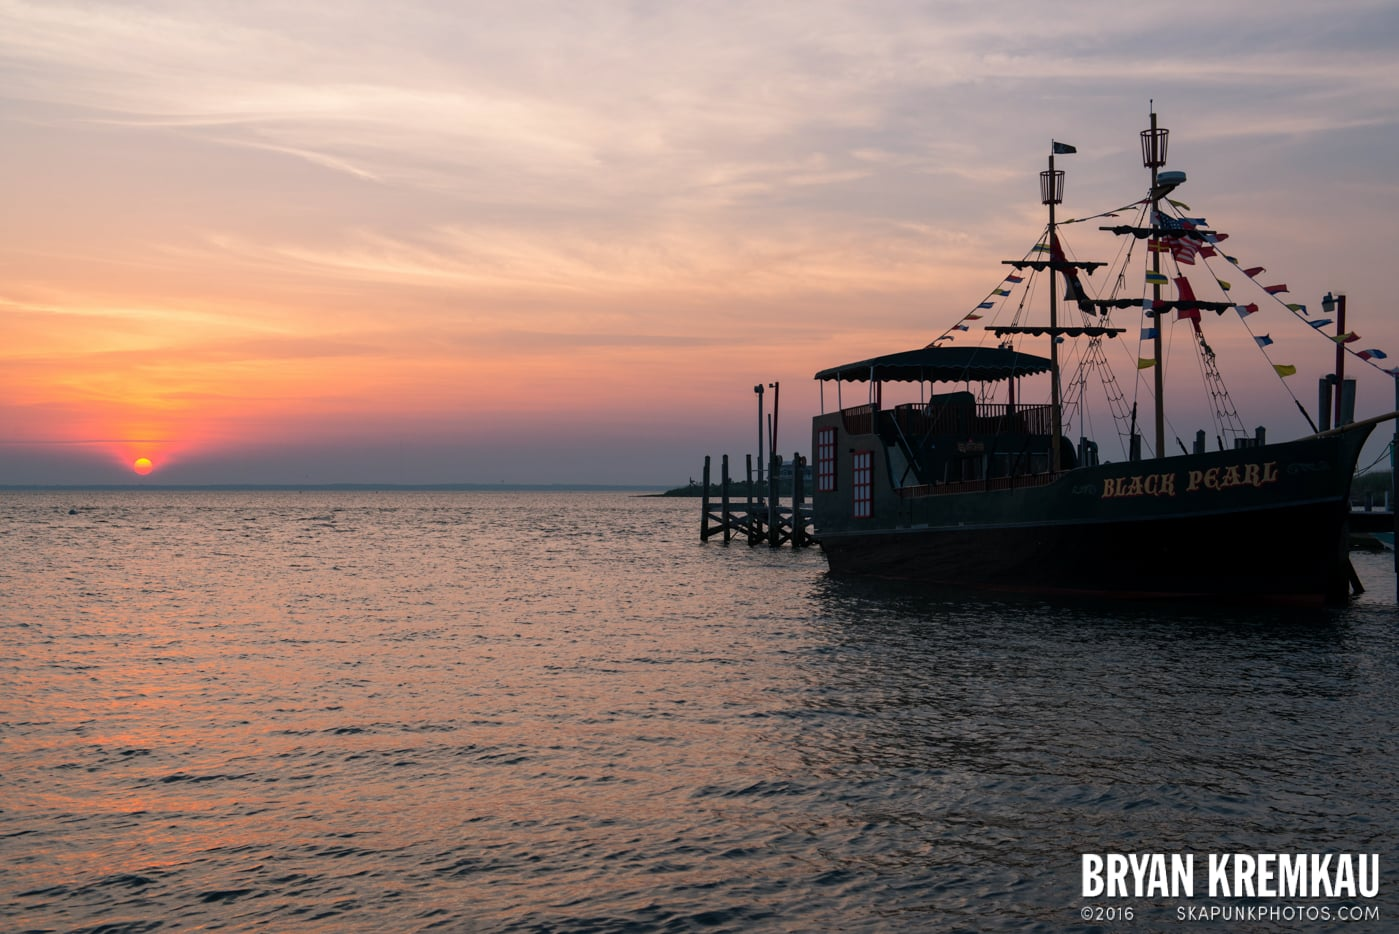 Beach Haven, Long Beach Island, NJ - 6.16.14 - 6.18.14 (43)